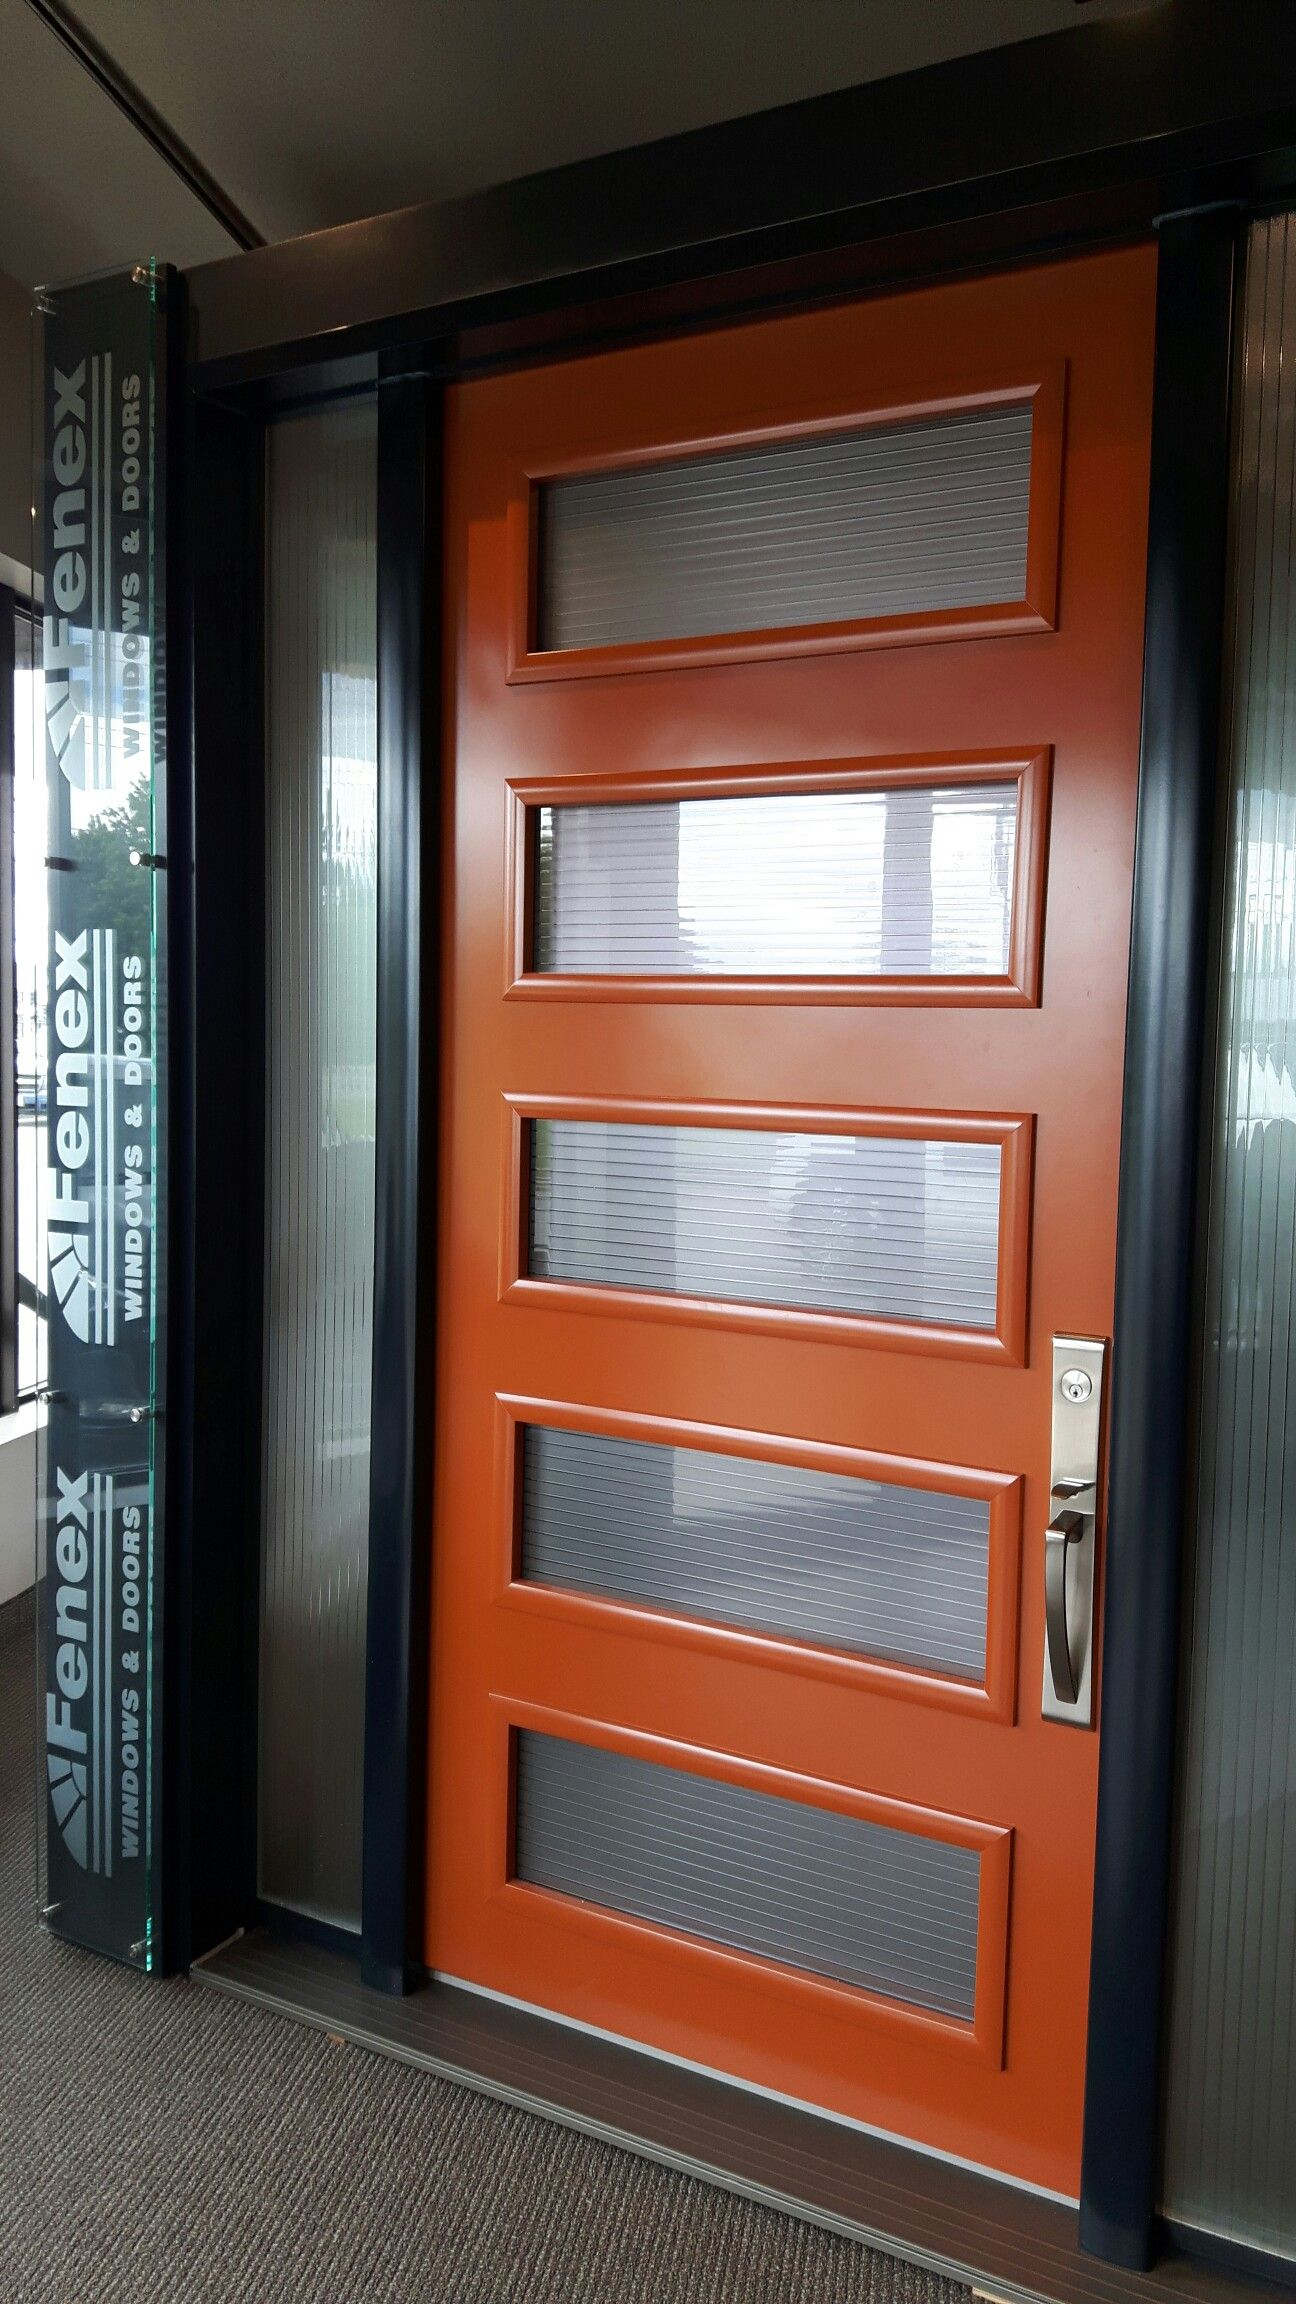 garage new inserts design window doors plastic home door g replacements x for